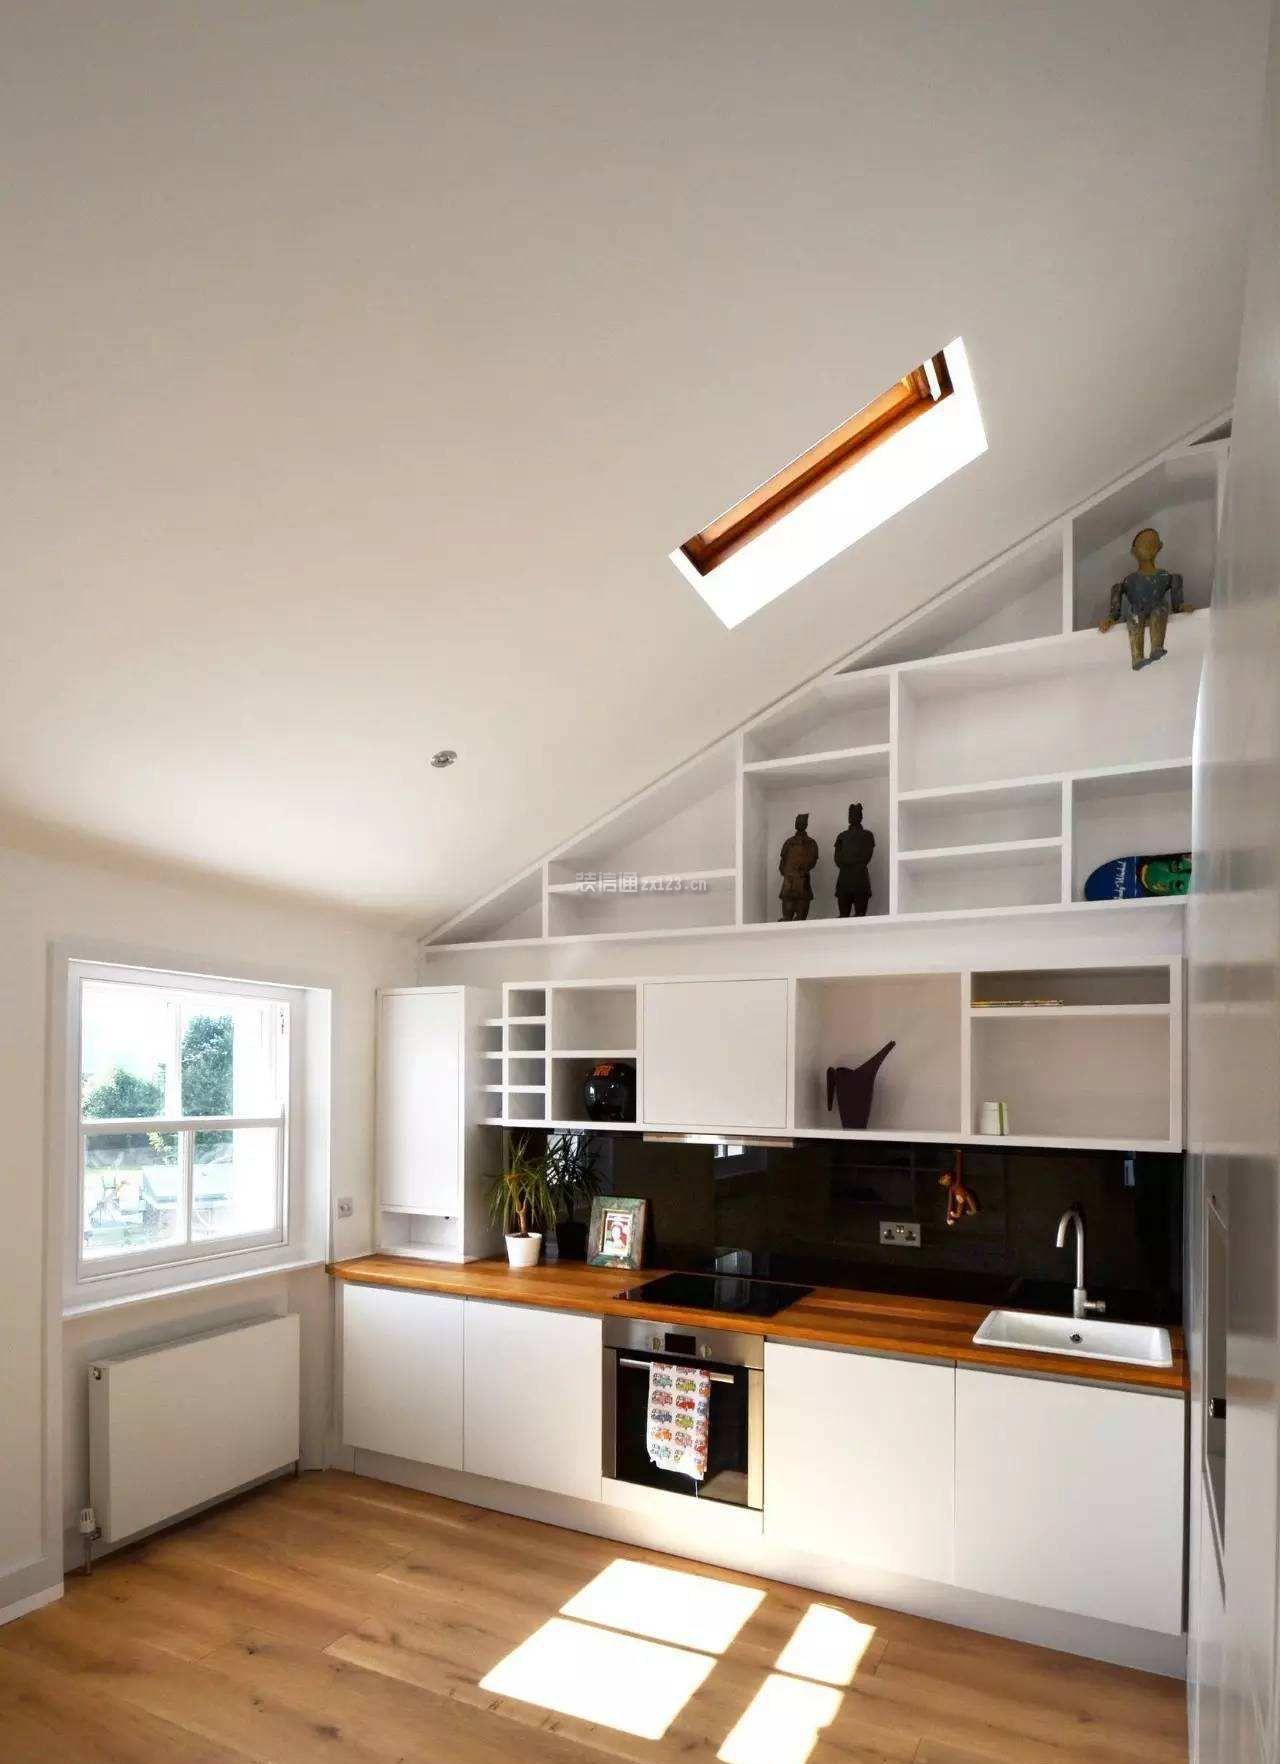 简约风格斜顶阁楼厨房天窗设计效果图_装修123效果图